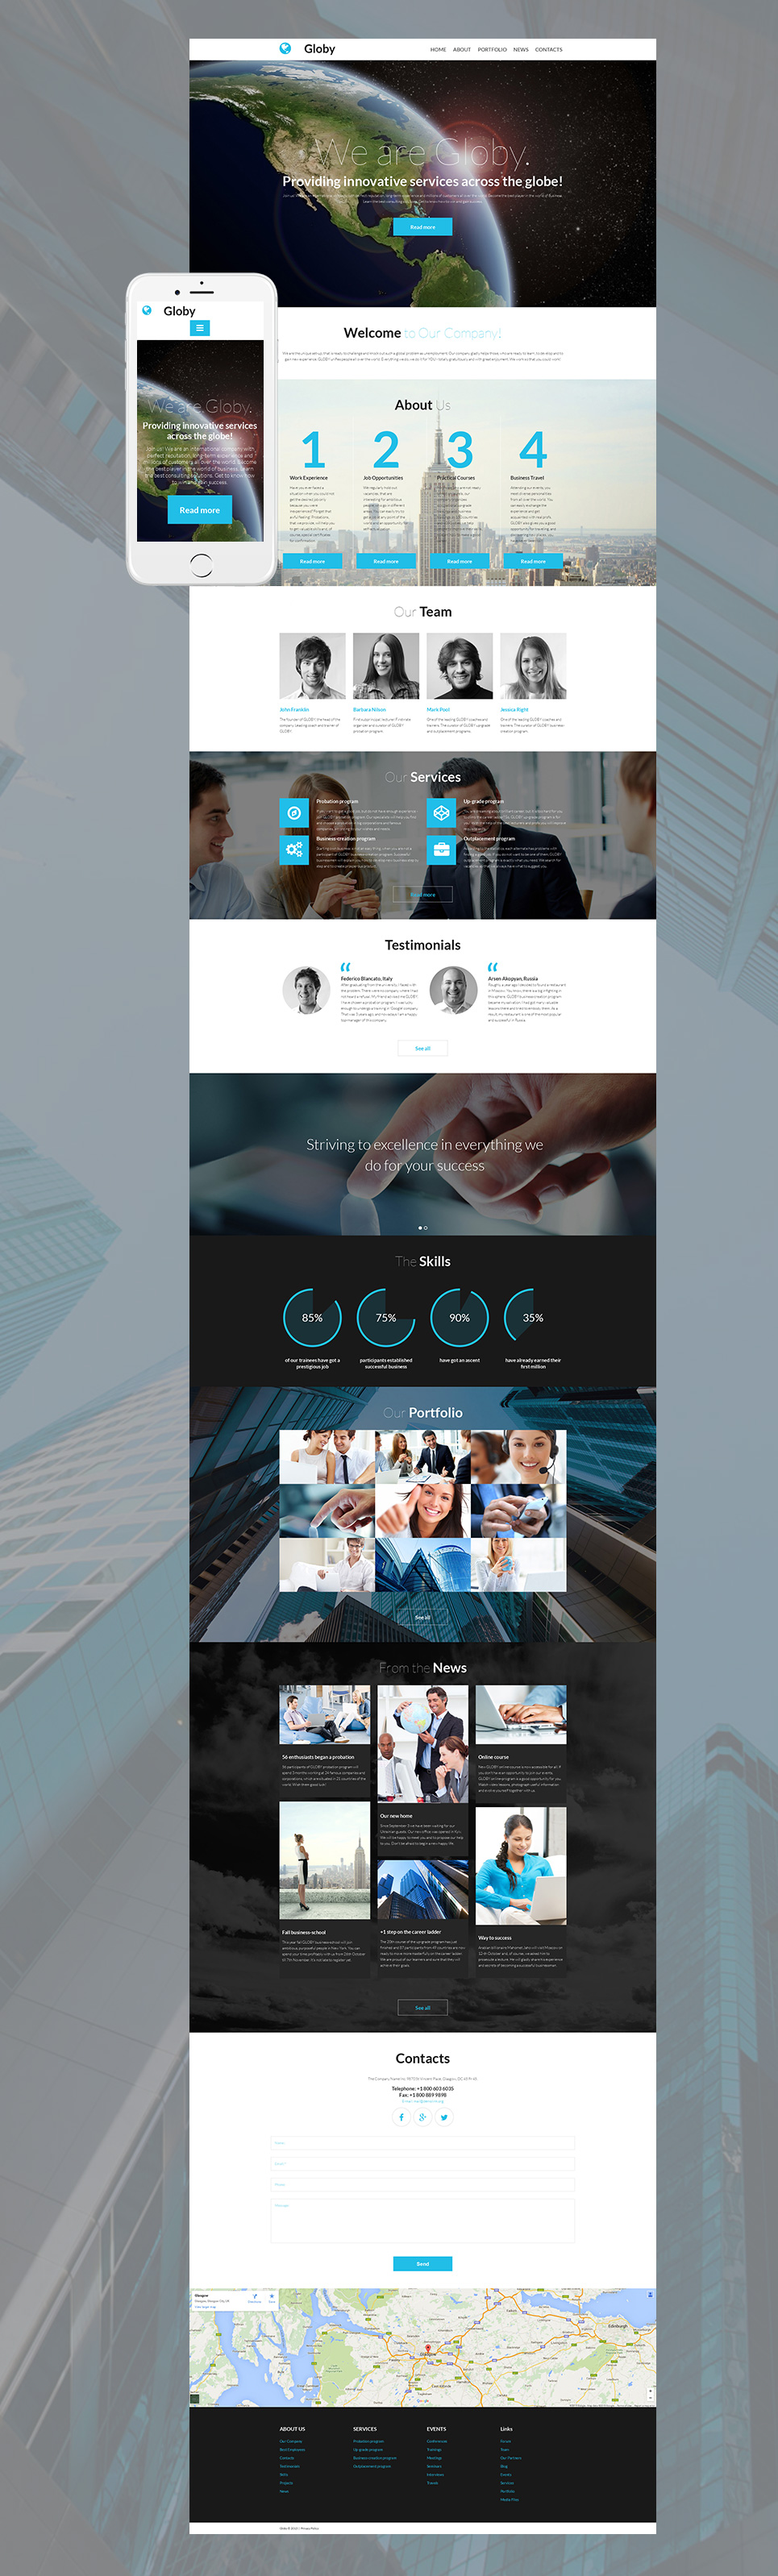 Global Business Website Design - image